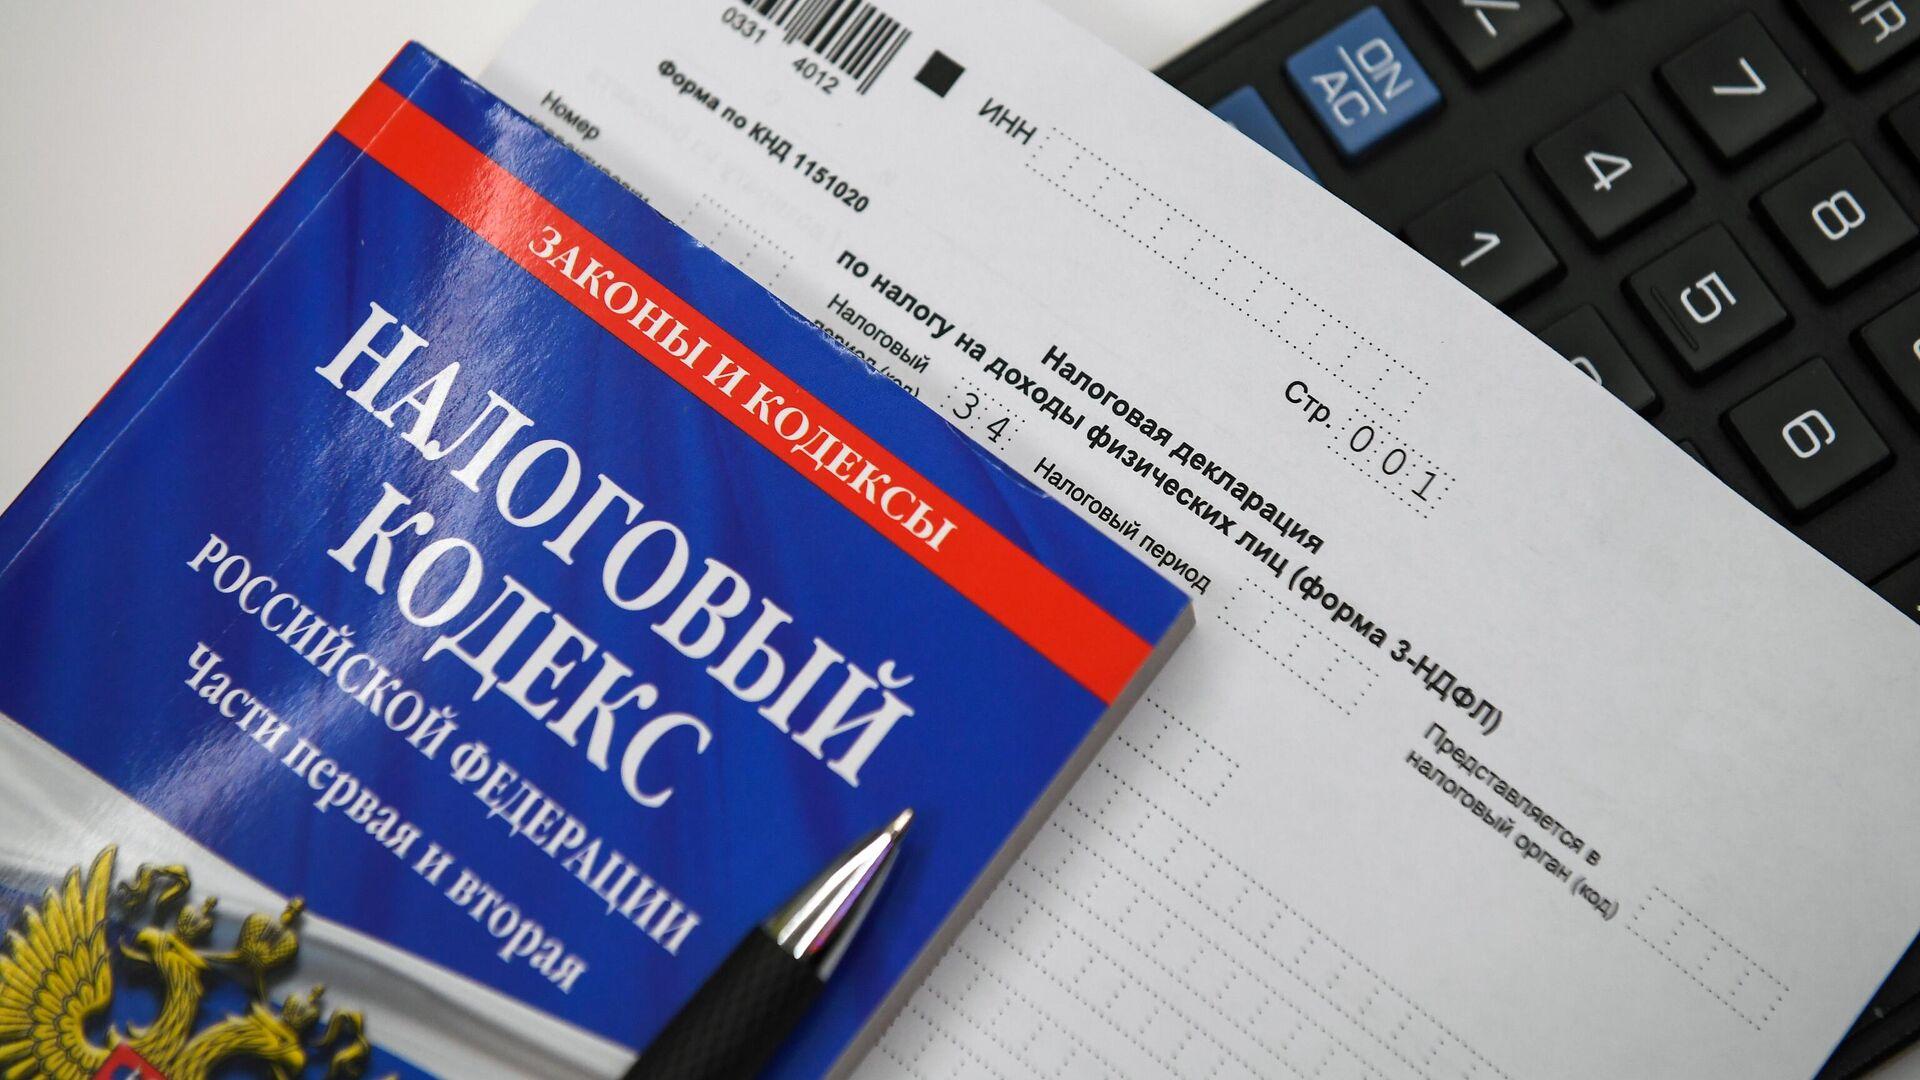 Бланк налоговой декларации на доходы физических лиц - РИА Новости, 1920, 08.04.2021